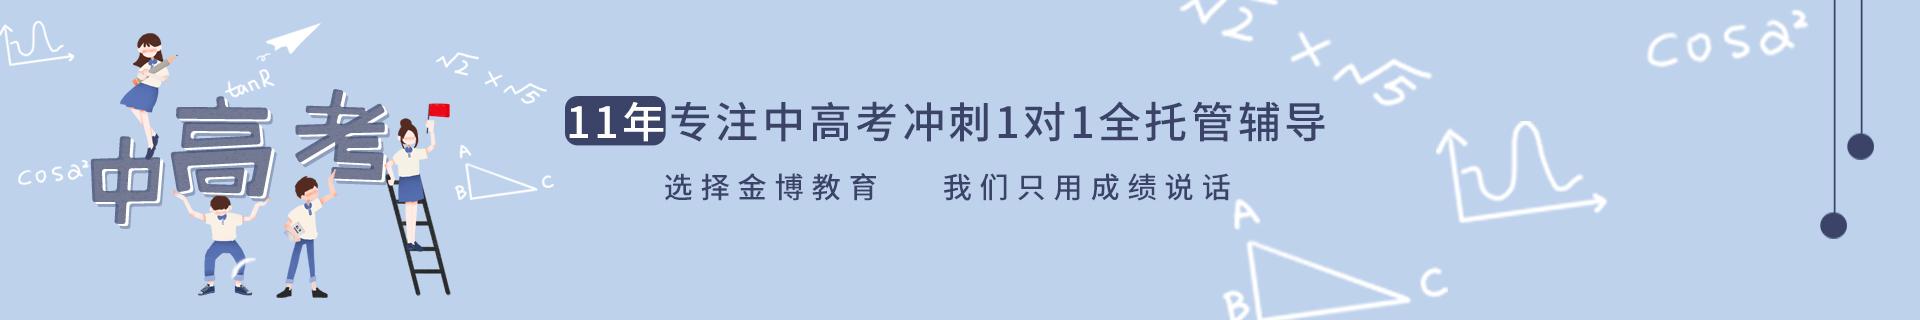 北京朝阳区金博教育东湖渠校区